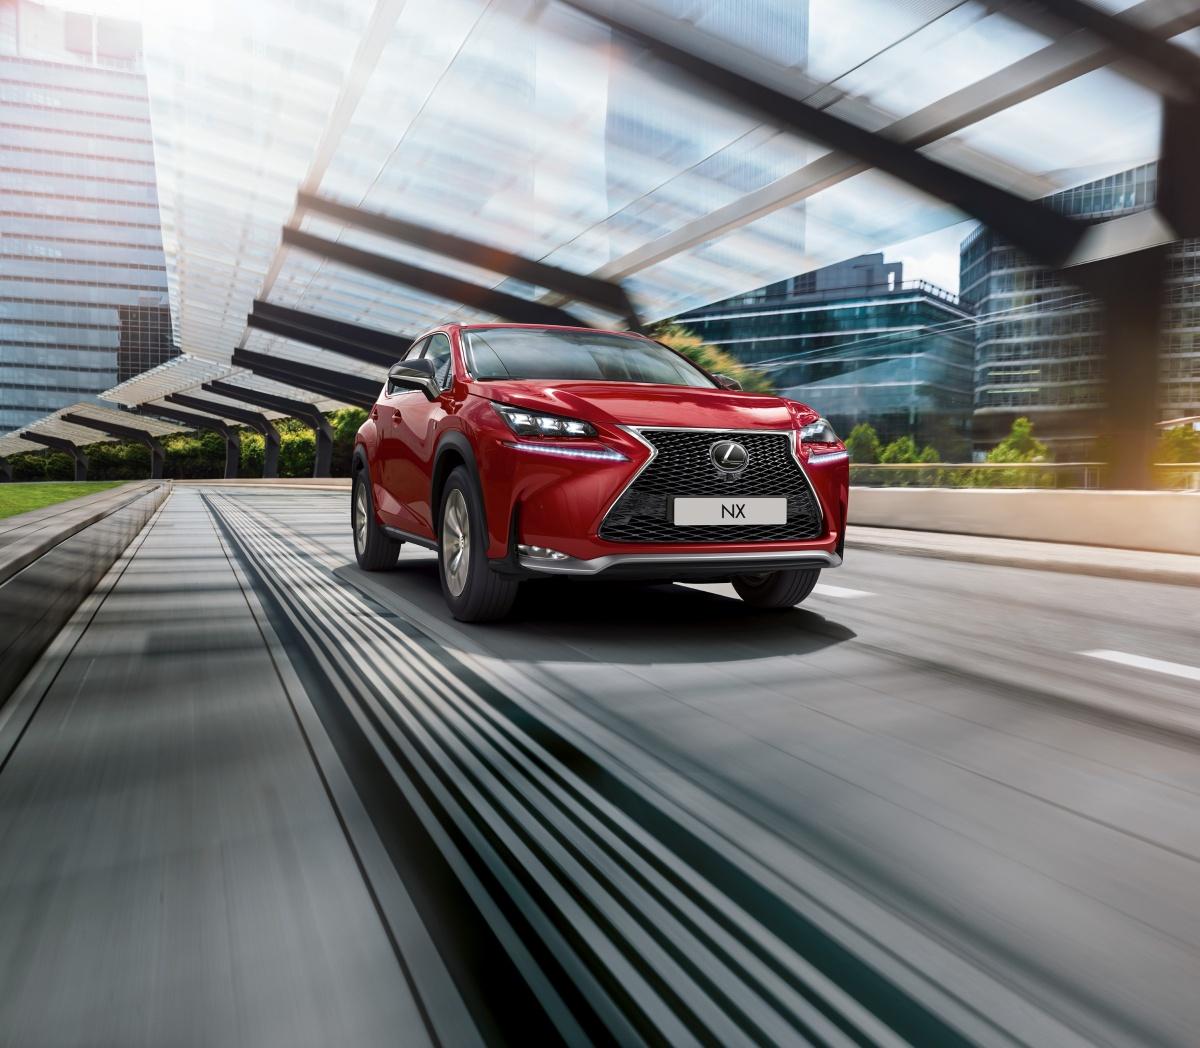 Lexus NX назван одним из самых продаваемых автомобилей премиум-класса